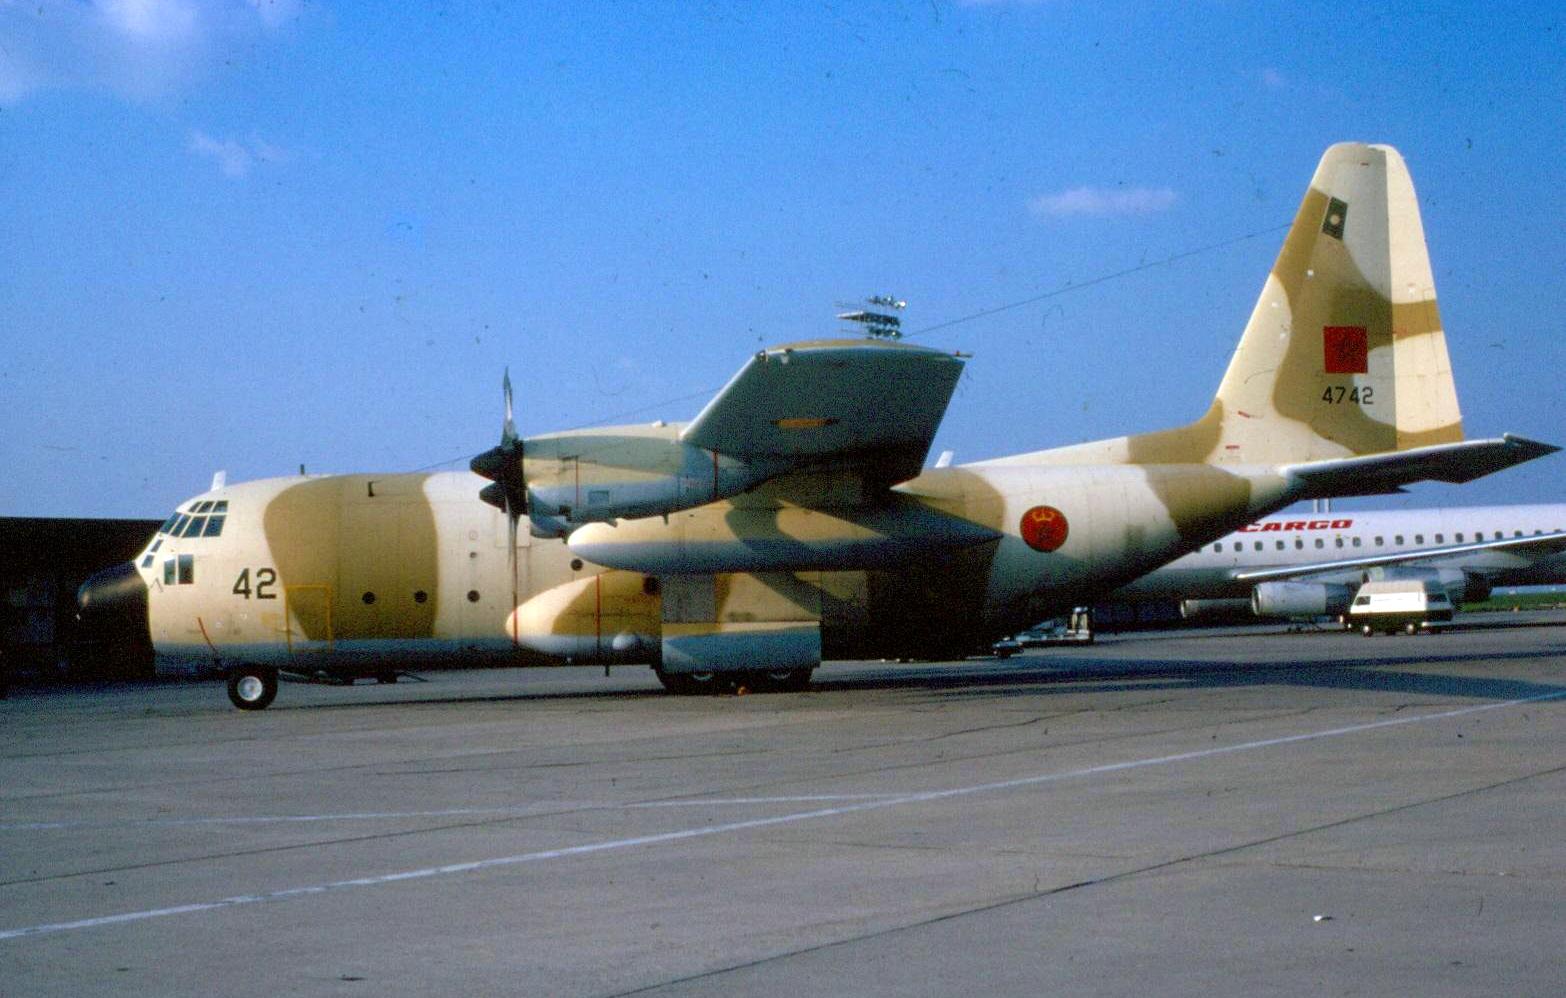 FRA: Photos d'avions de transport - Page 38 30973323460_2922ae5a6a_o